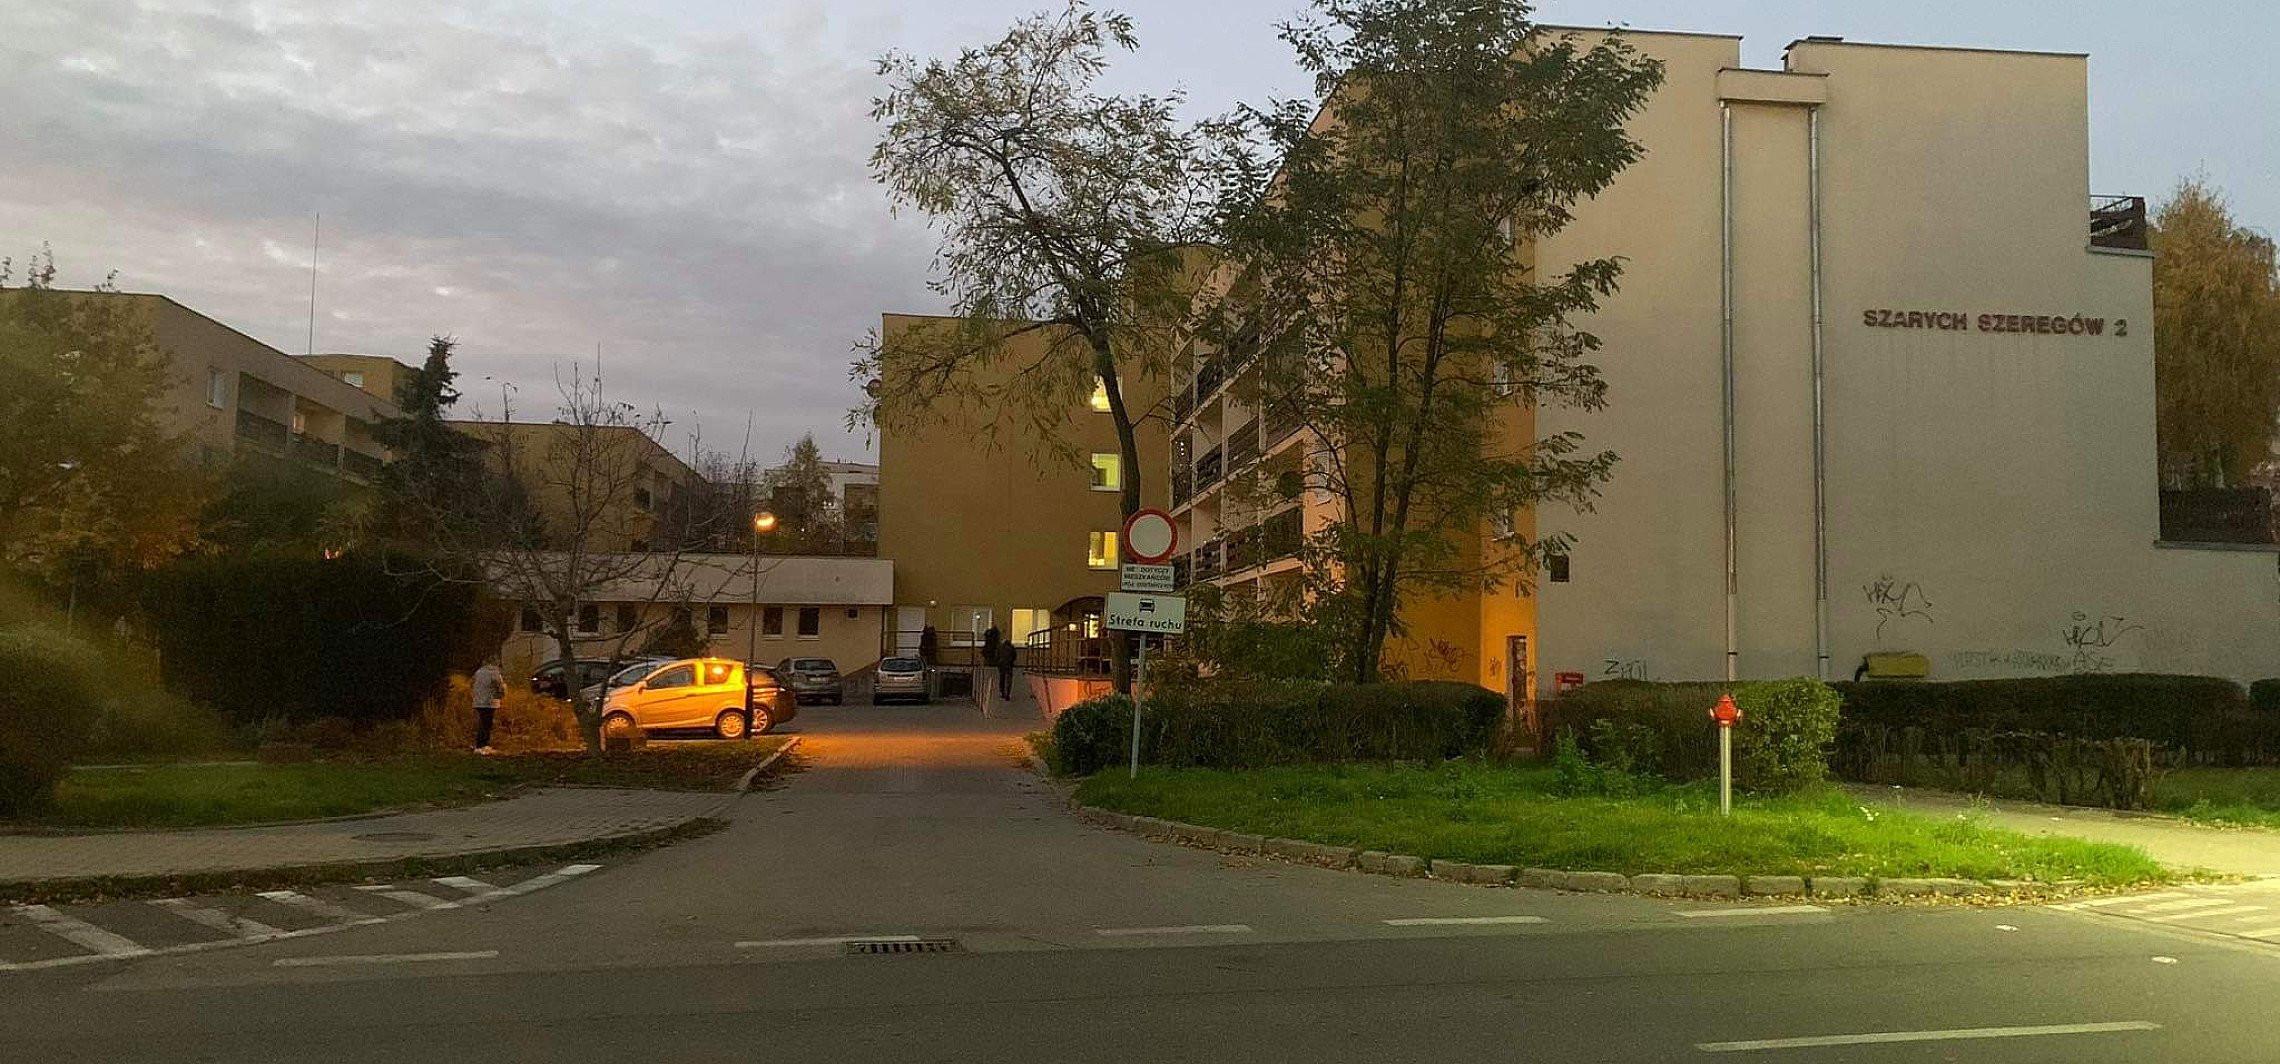 """Inowrocław - Zgon 48-latka na ulicy. """"Pogotowie odmówiło pomocy"""""""